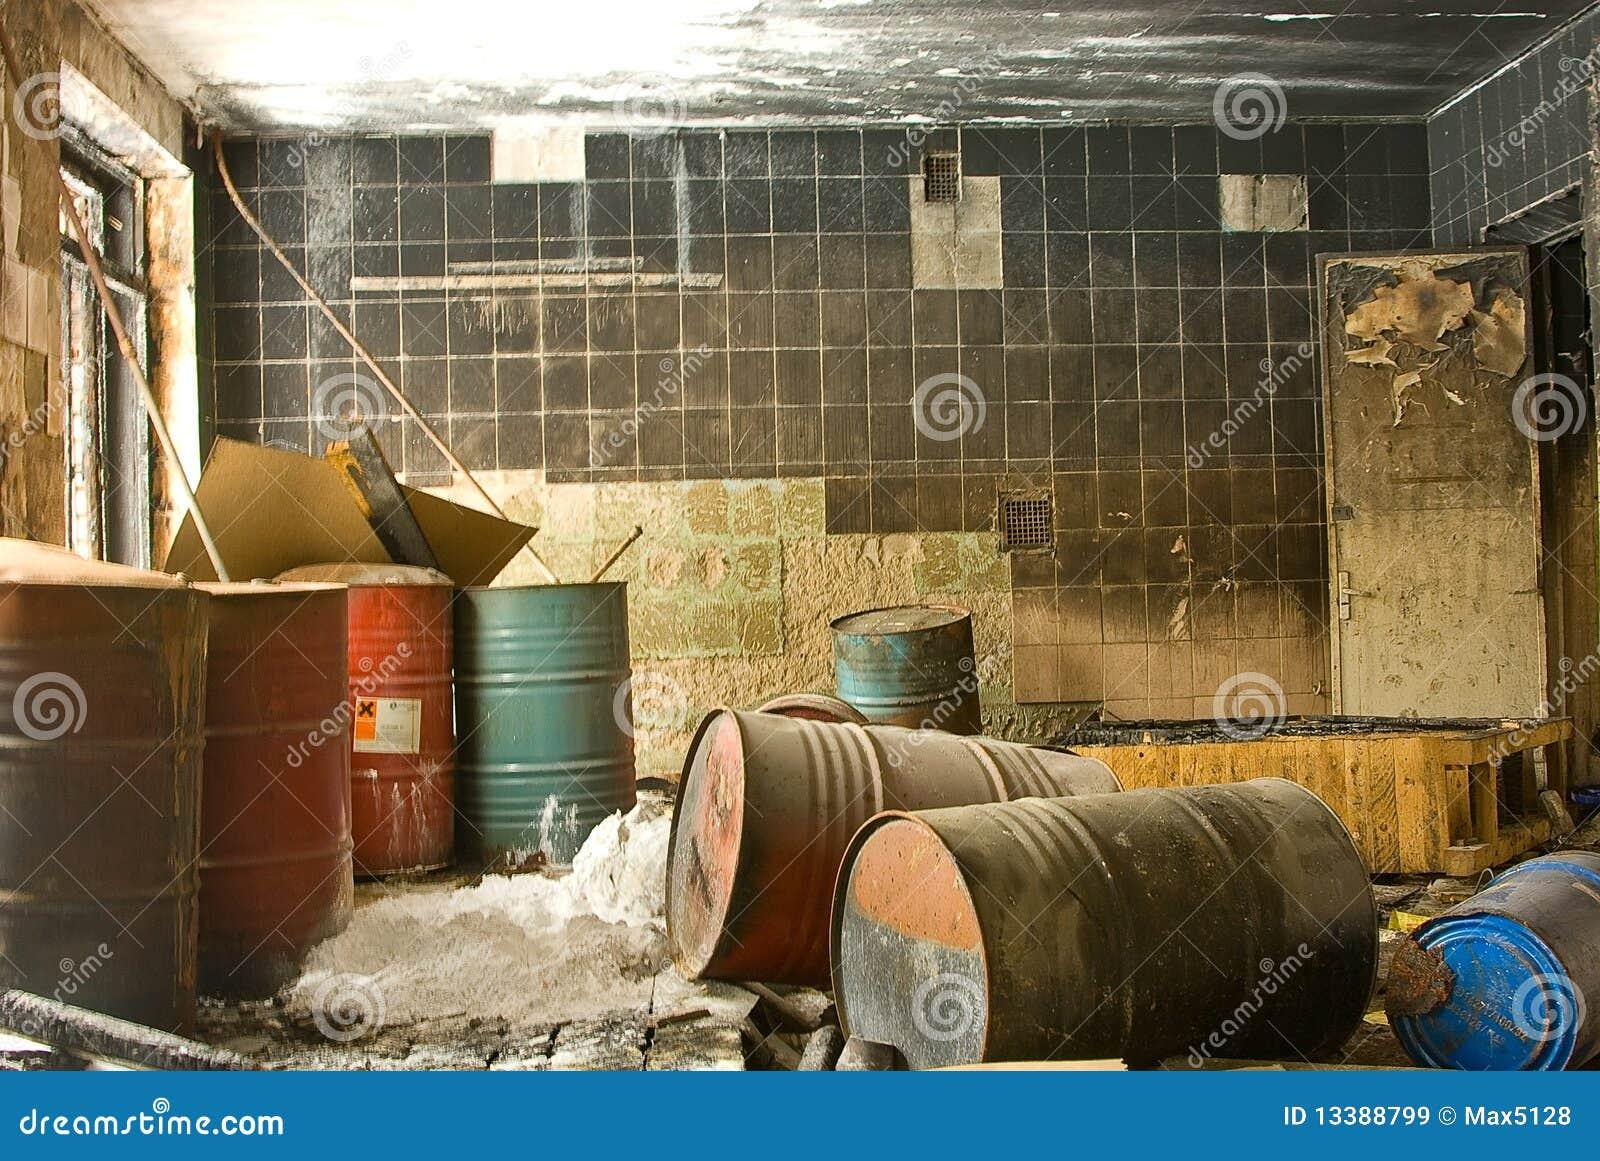 maison d labr e images libres de droits image 13388799. Black Bedroom Furniture Sets. Home Design Ideas